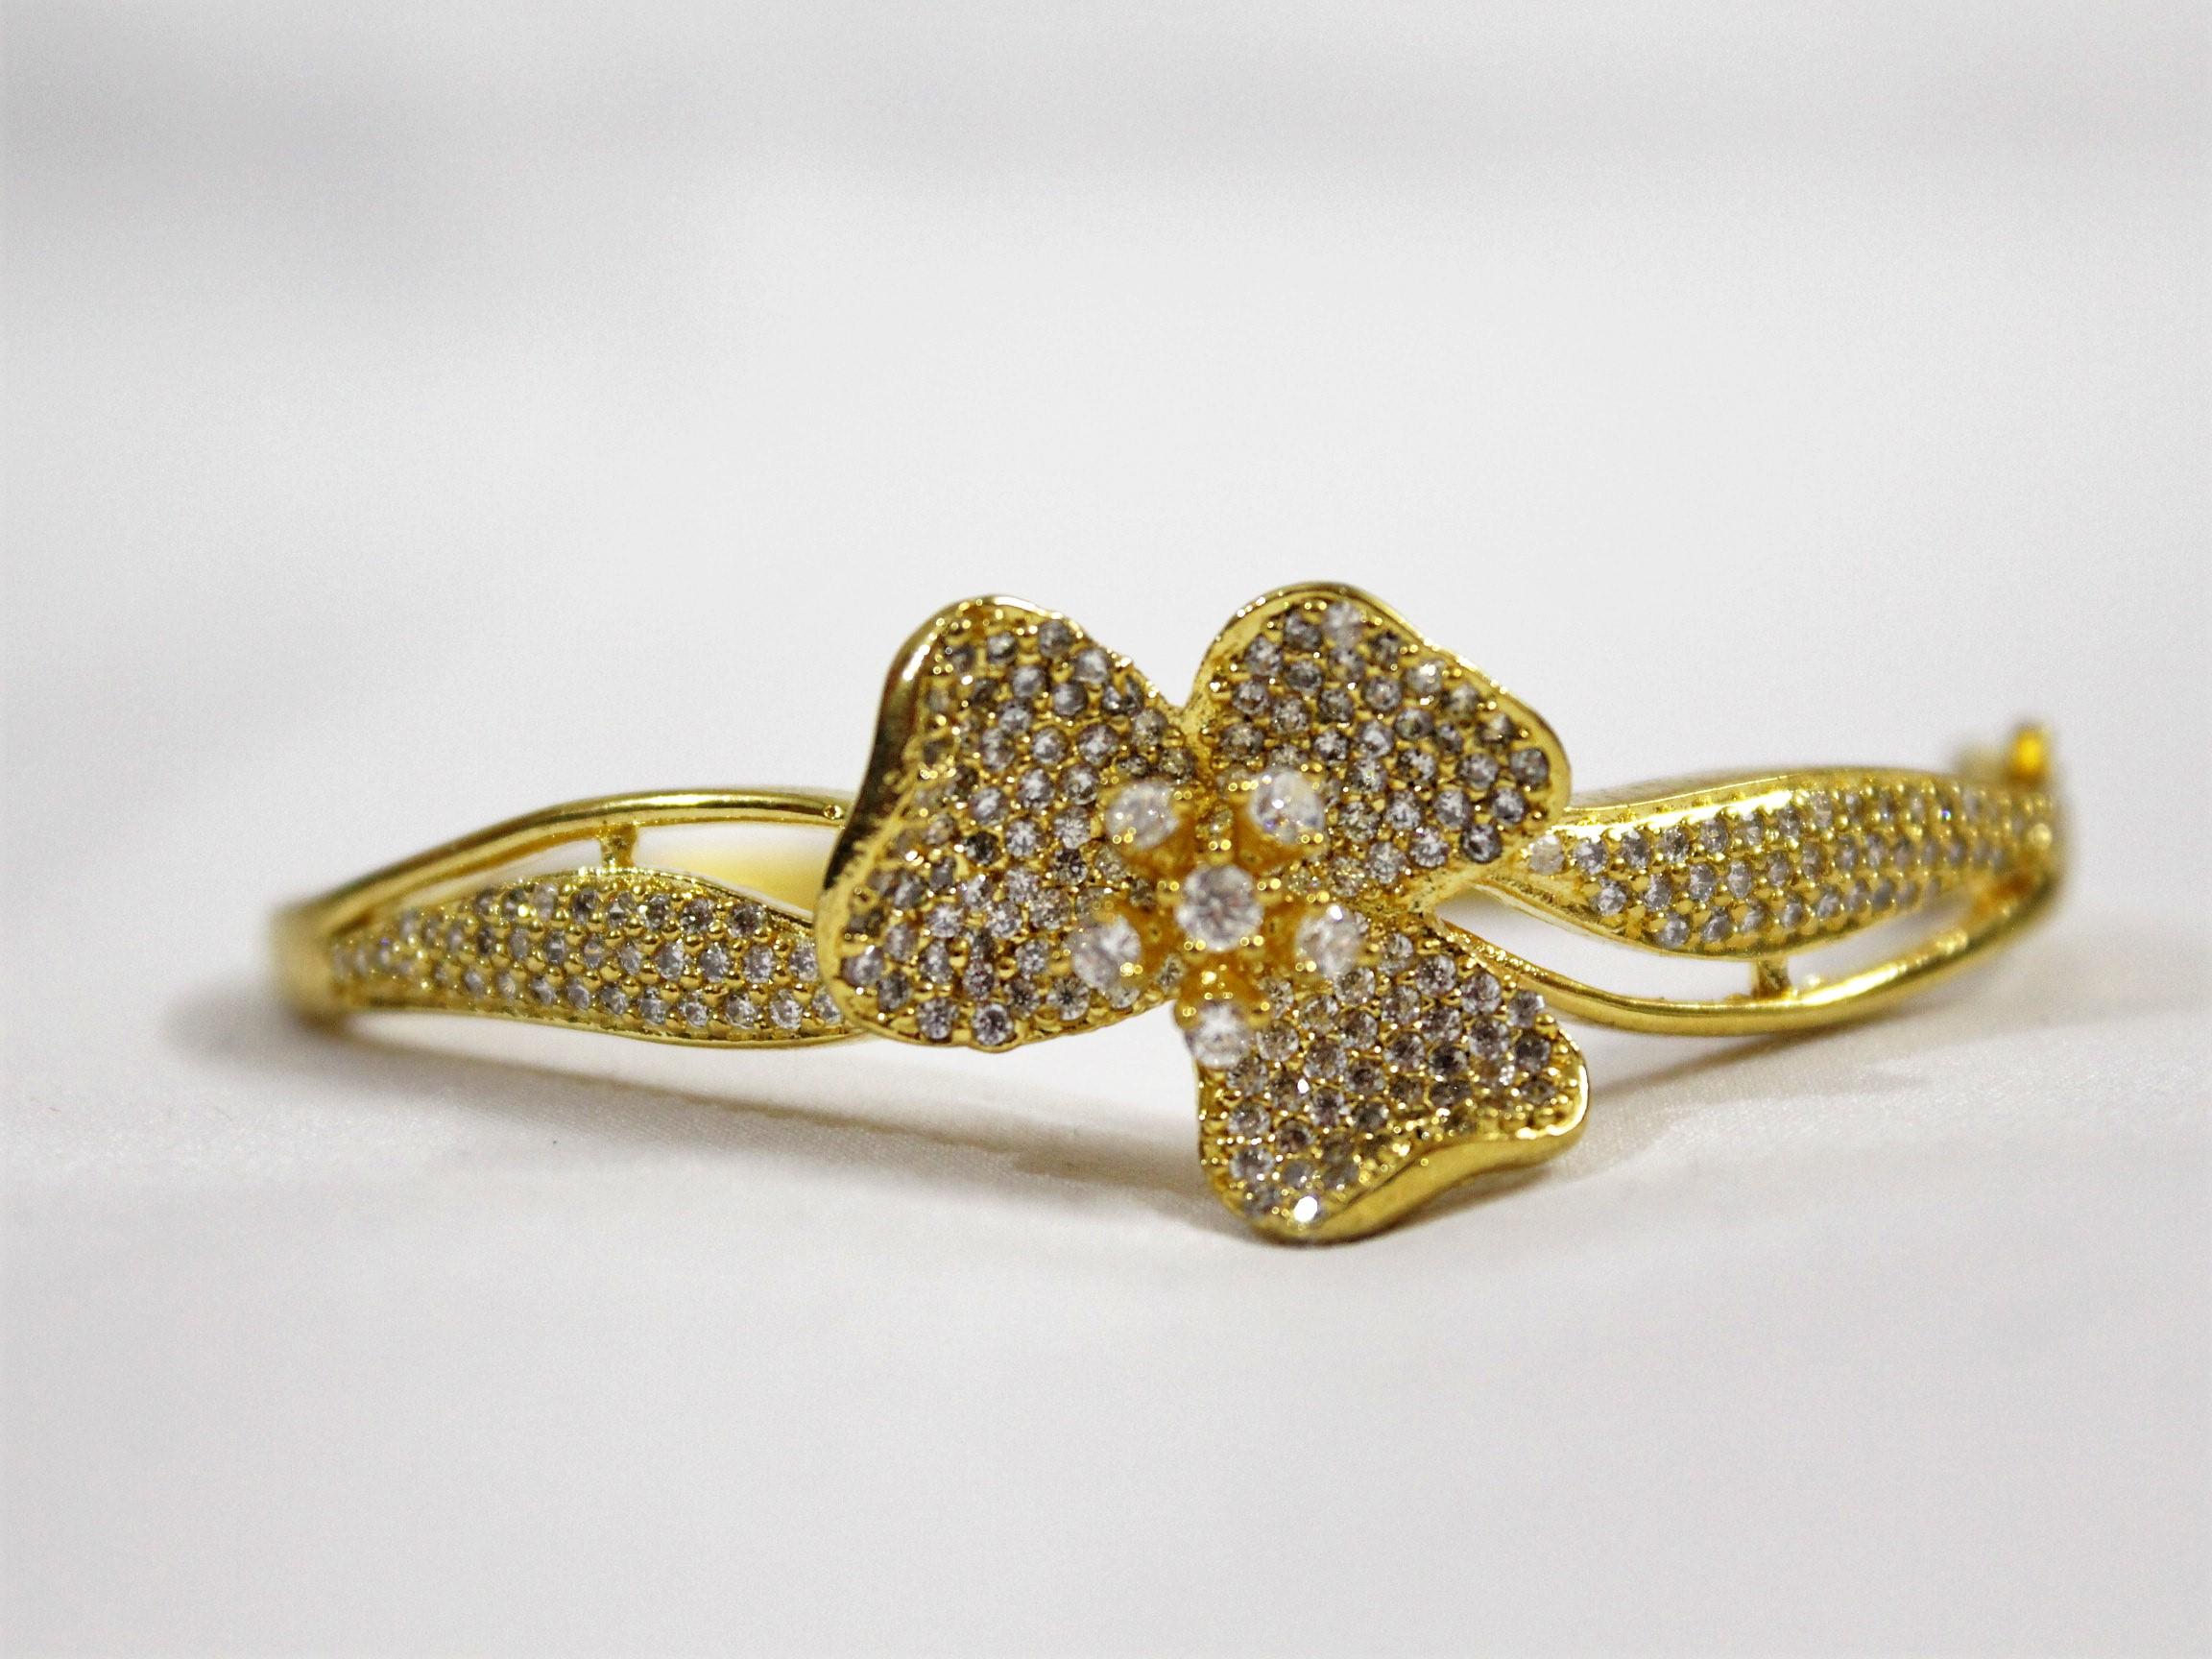 IndiHaute, bracelet for girls in gwalior , bracelet online in gwalior , bracelet online shopping gwalior , bracelet for saree in gwalior , bracelet for sale in gwalior